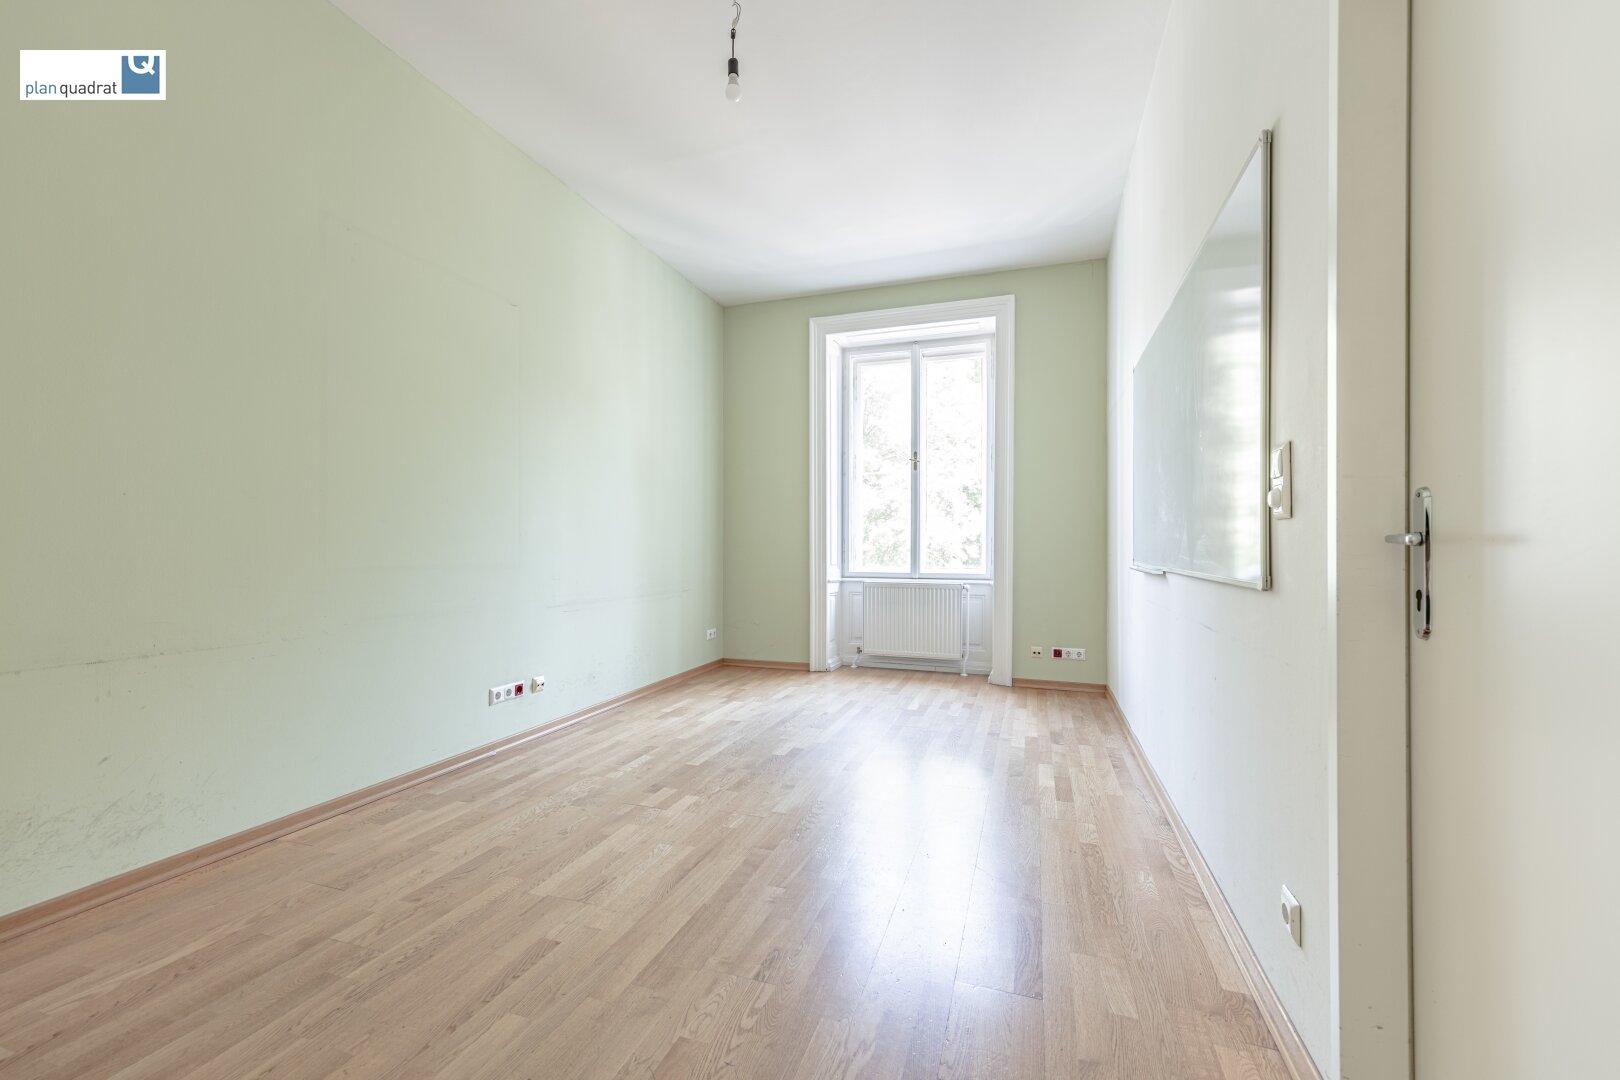 Büro 2 (ca. 17,60 m²) - durch Büro 3 begehbar